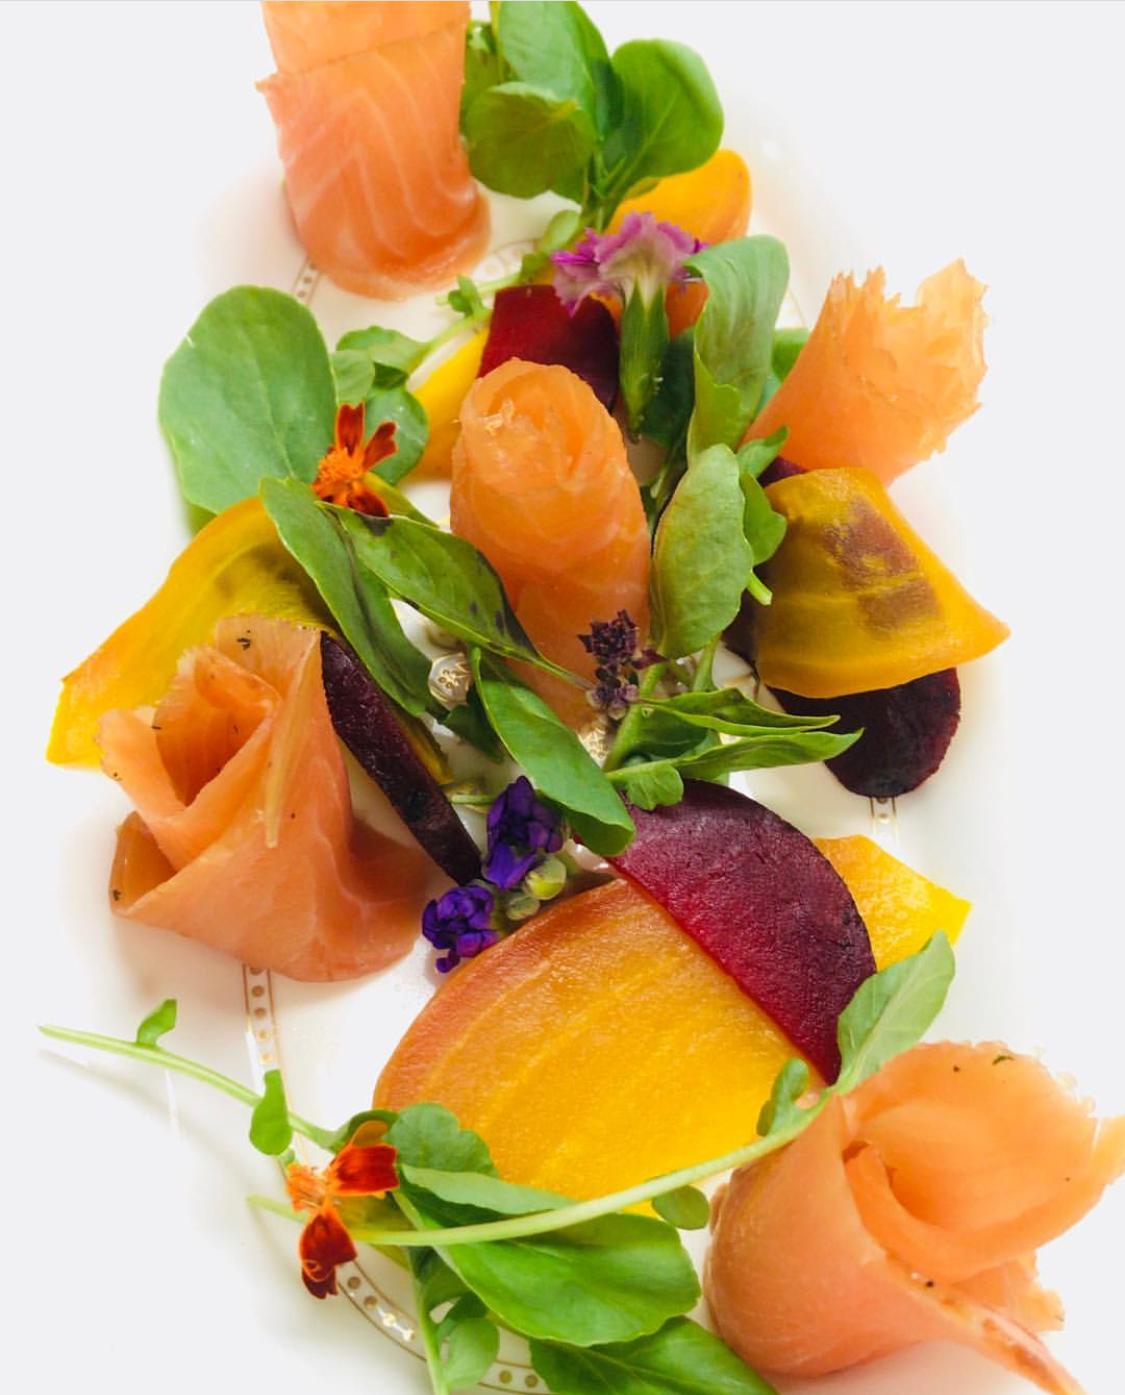 Smoked Salmon & Beet Salad